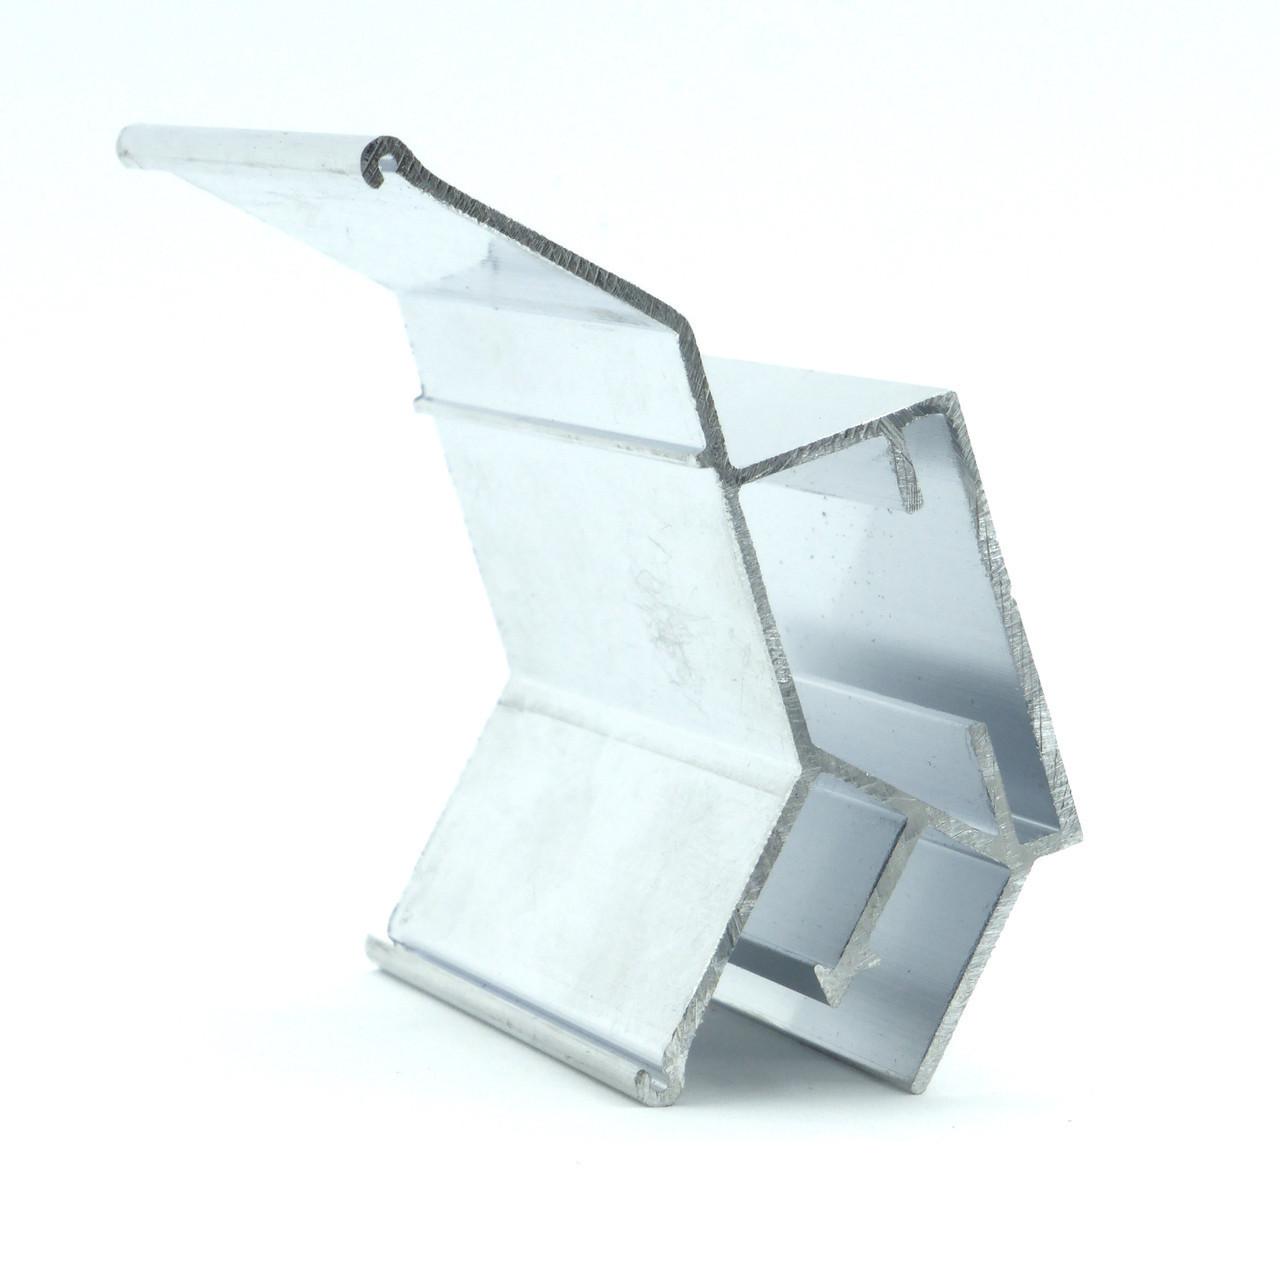 Профиль алюминиевый для натяжных потолков - двухуровневый №2, с изменённым углом. Длина профиля 2,5 м.